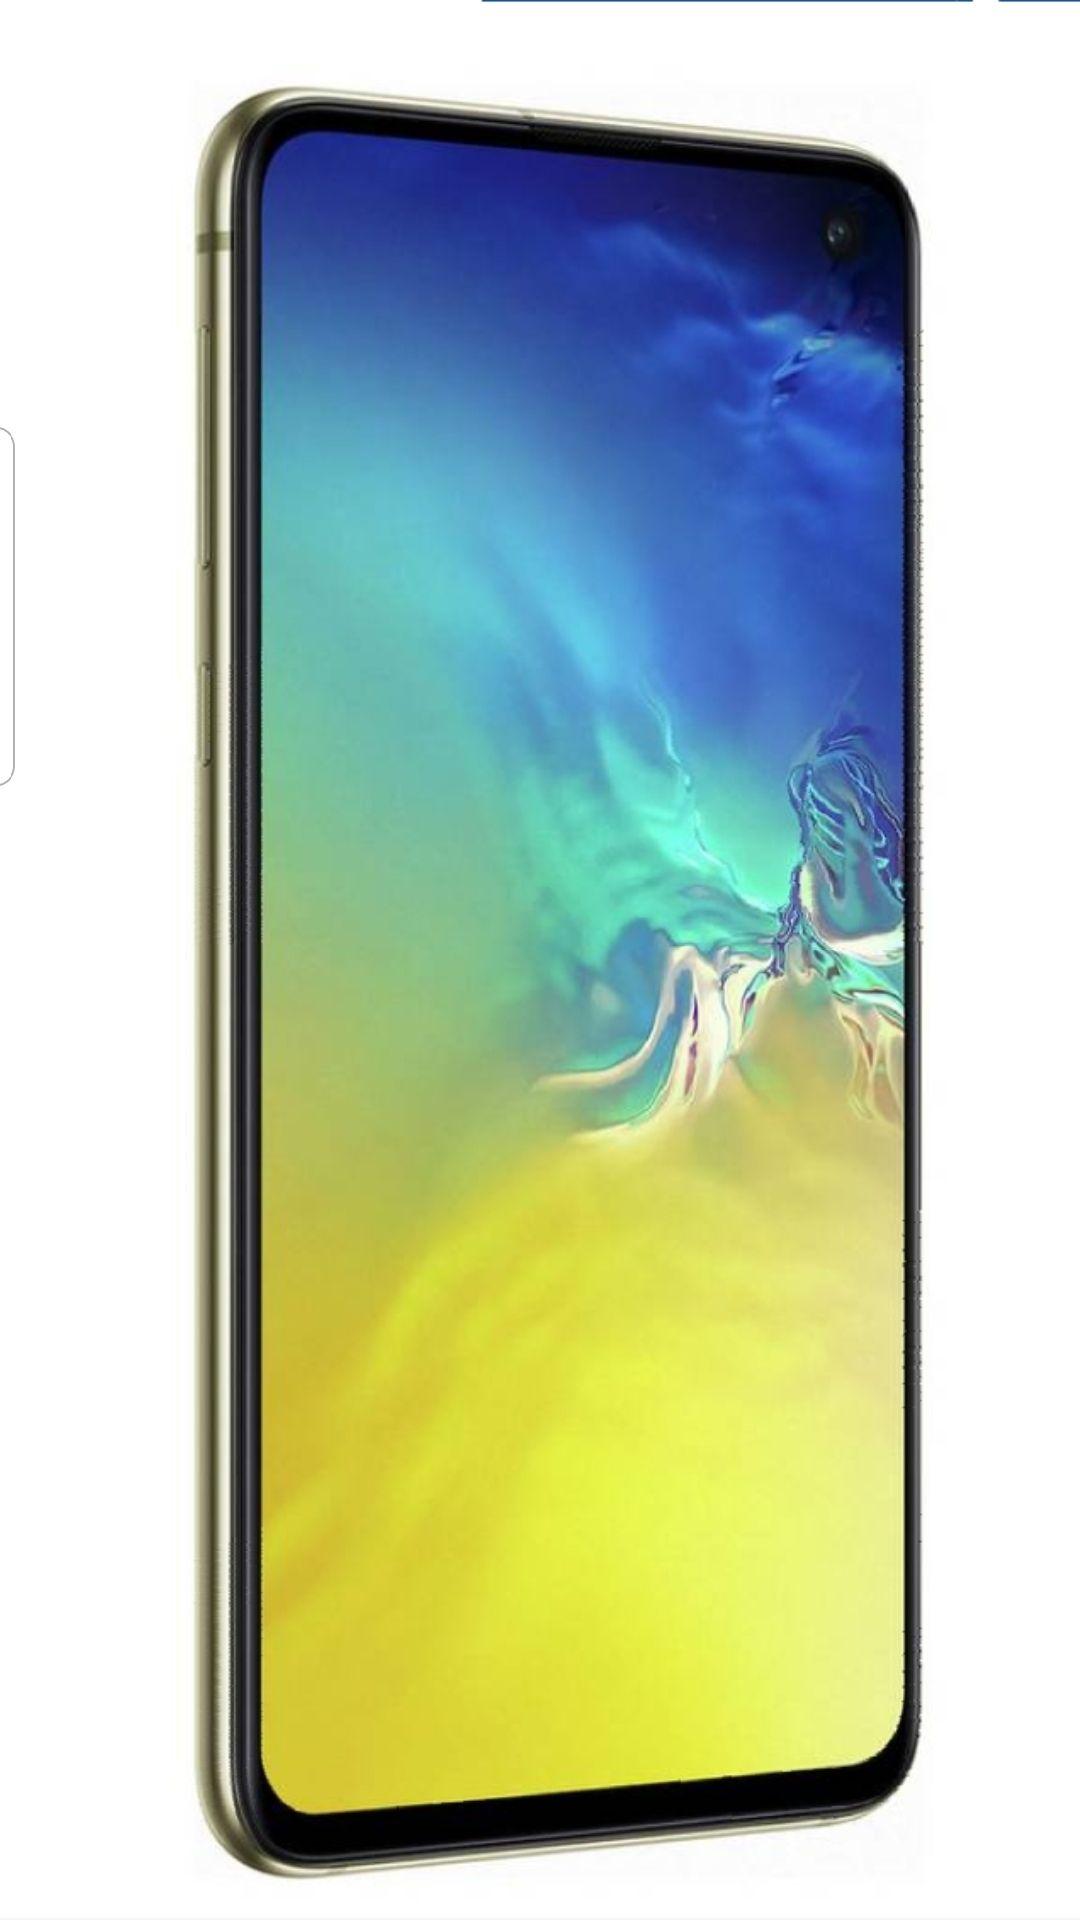 SIM Free Samsung Galaxy S10e 128GB - £334.50 @ Argos